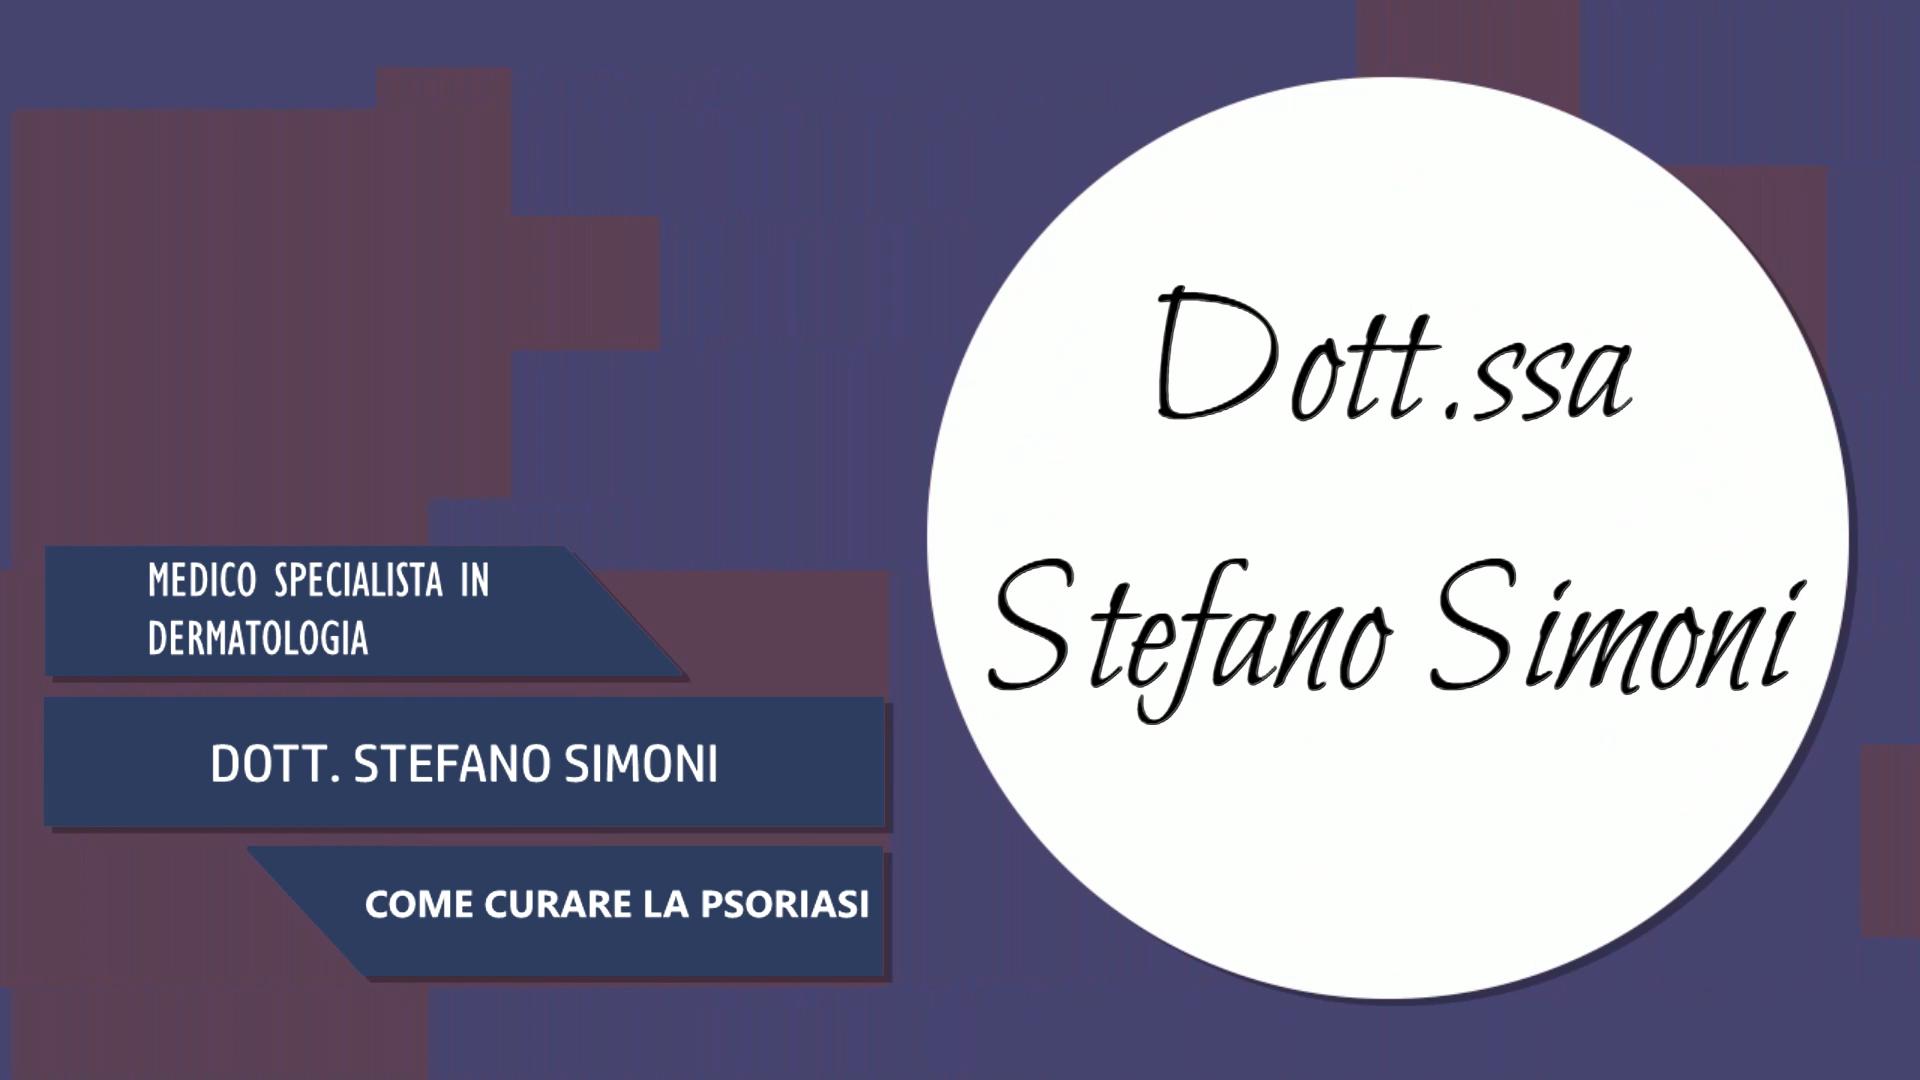 Intervista al Dott. Stefano Simoni – Come curare la psoriasi